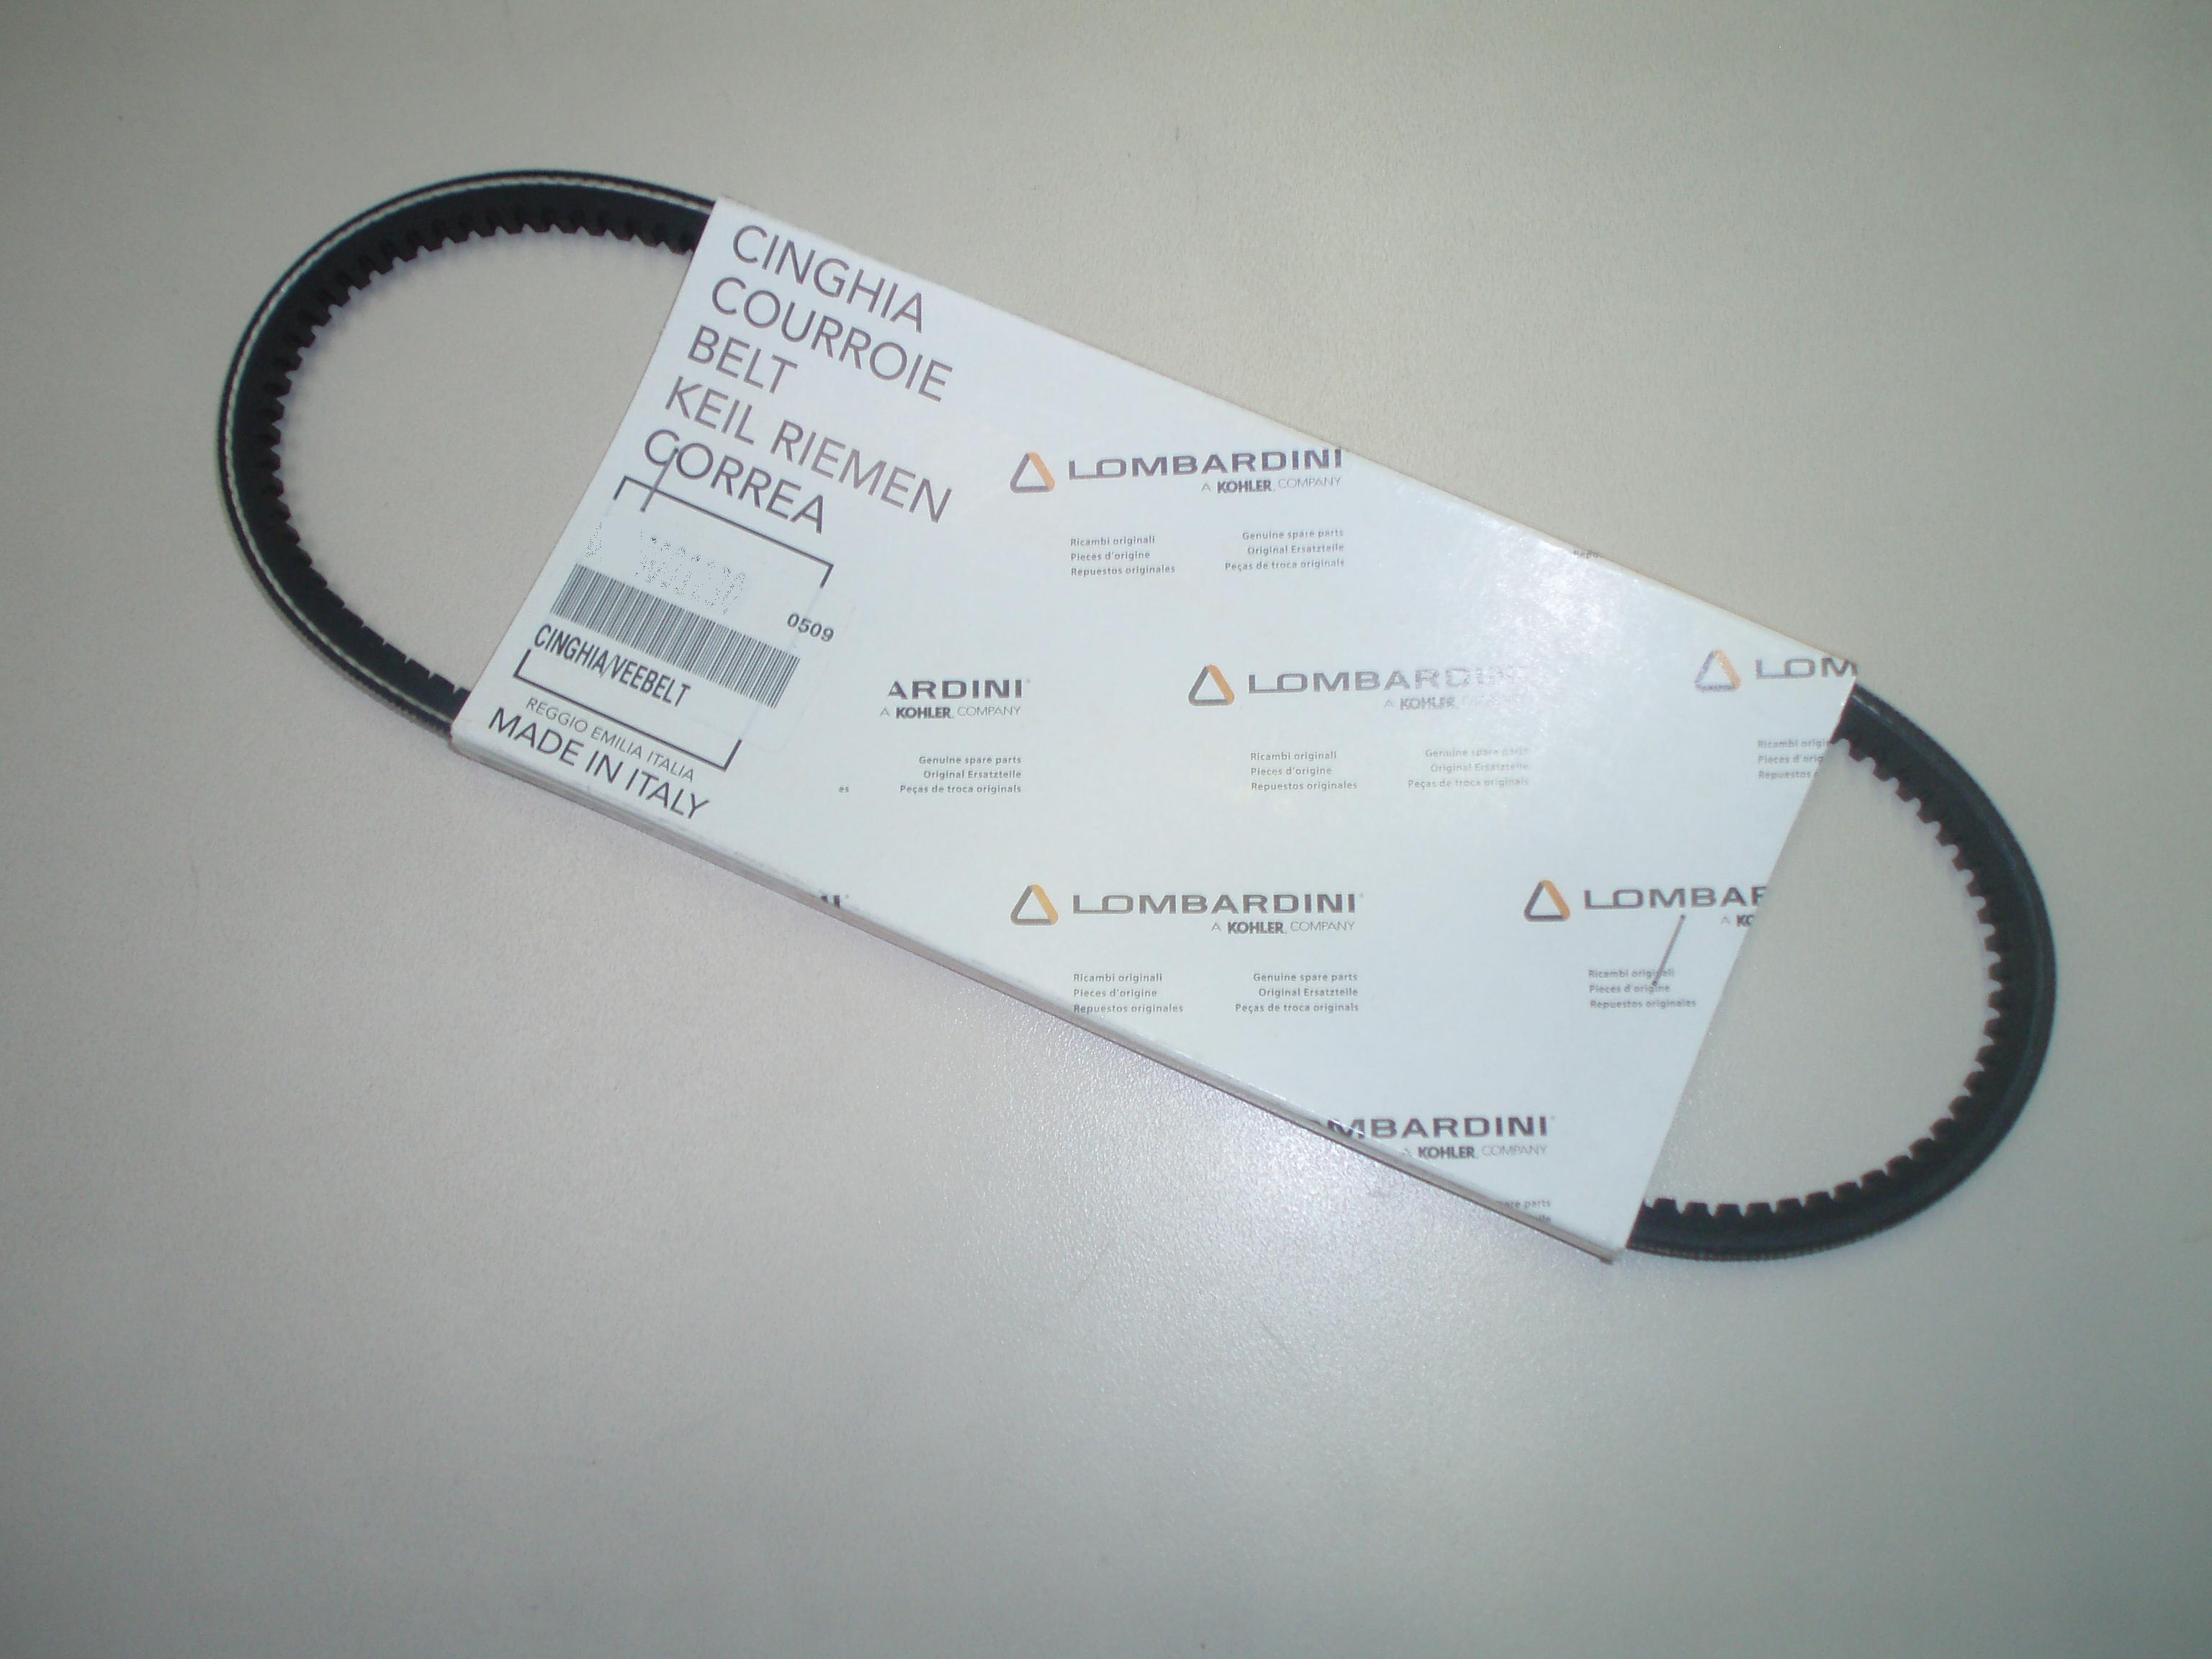 Courroie 875mm 11LD522 LGW627 FOCS602 LDW702 LDW903 LDW1003 LDW1204  LOMBARDINI MD300 MD301 MD350 MD351 RUGGERINI ED0024405150-S Ex. 2440316